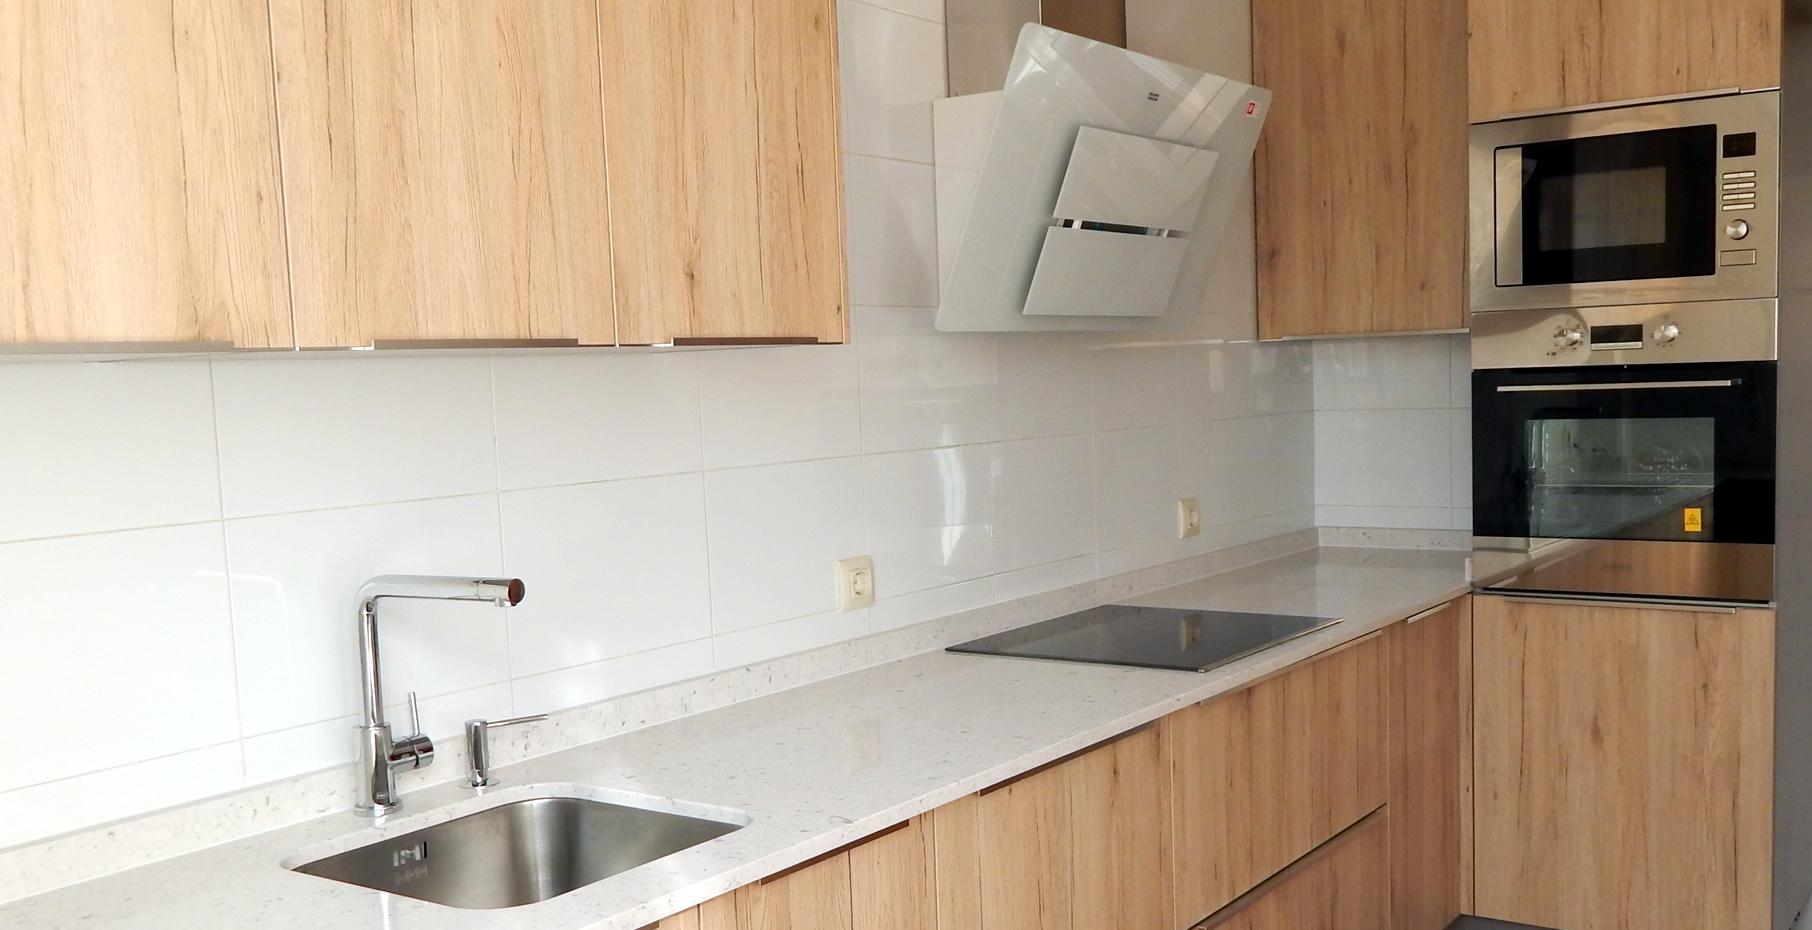 de la madera veteada es un clásico utilizado en los muebles de